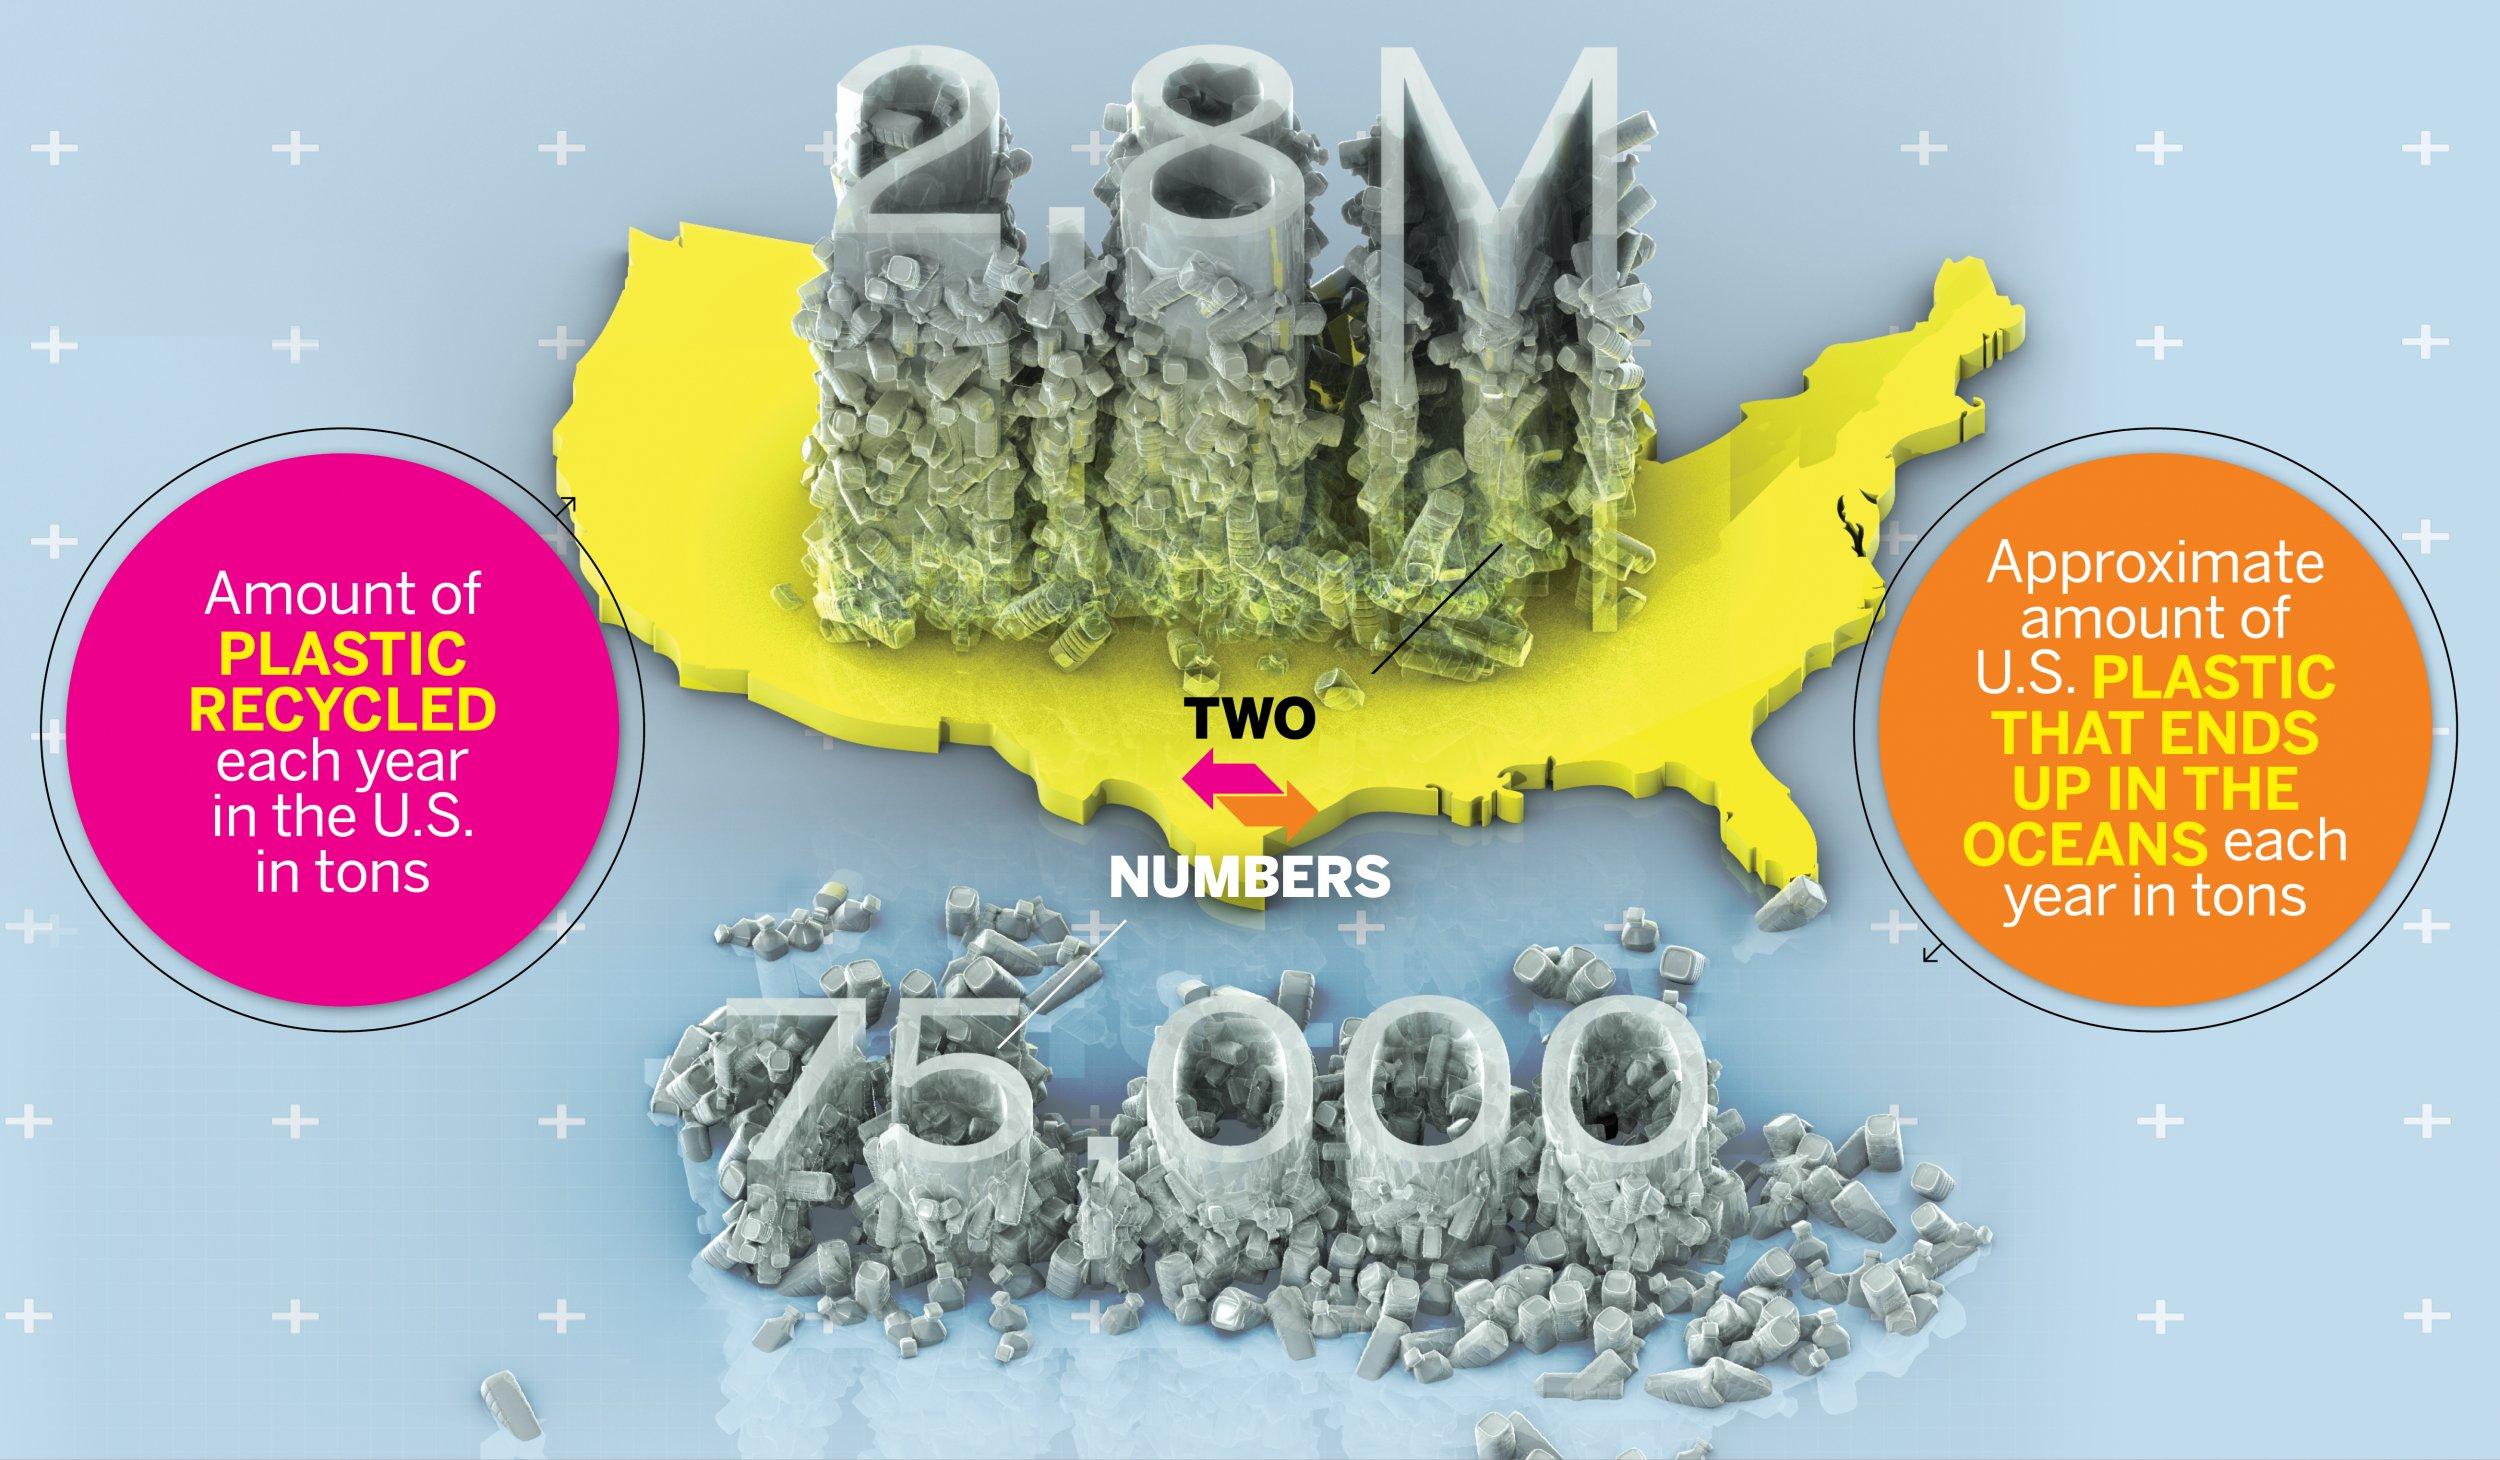 Two Numbers ocean